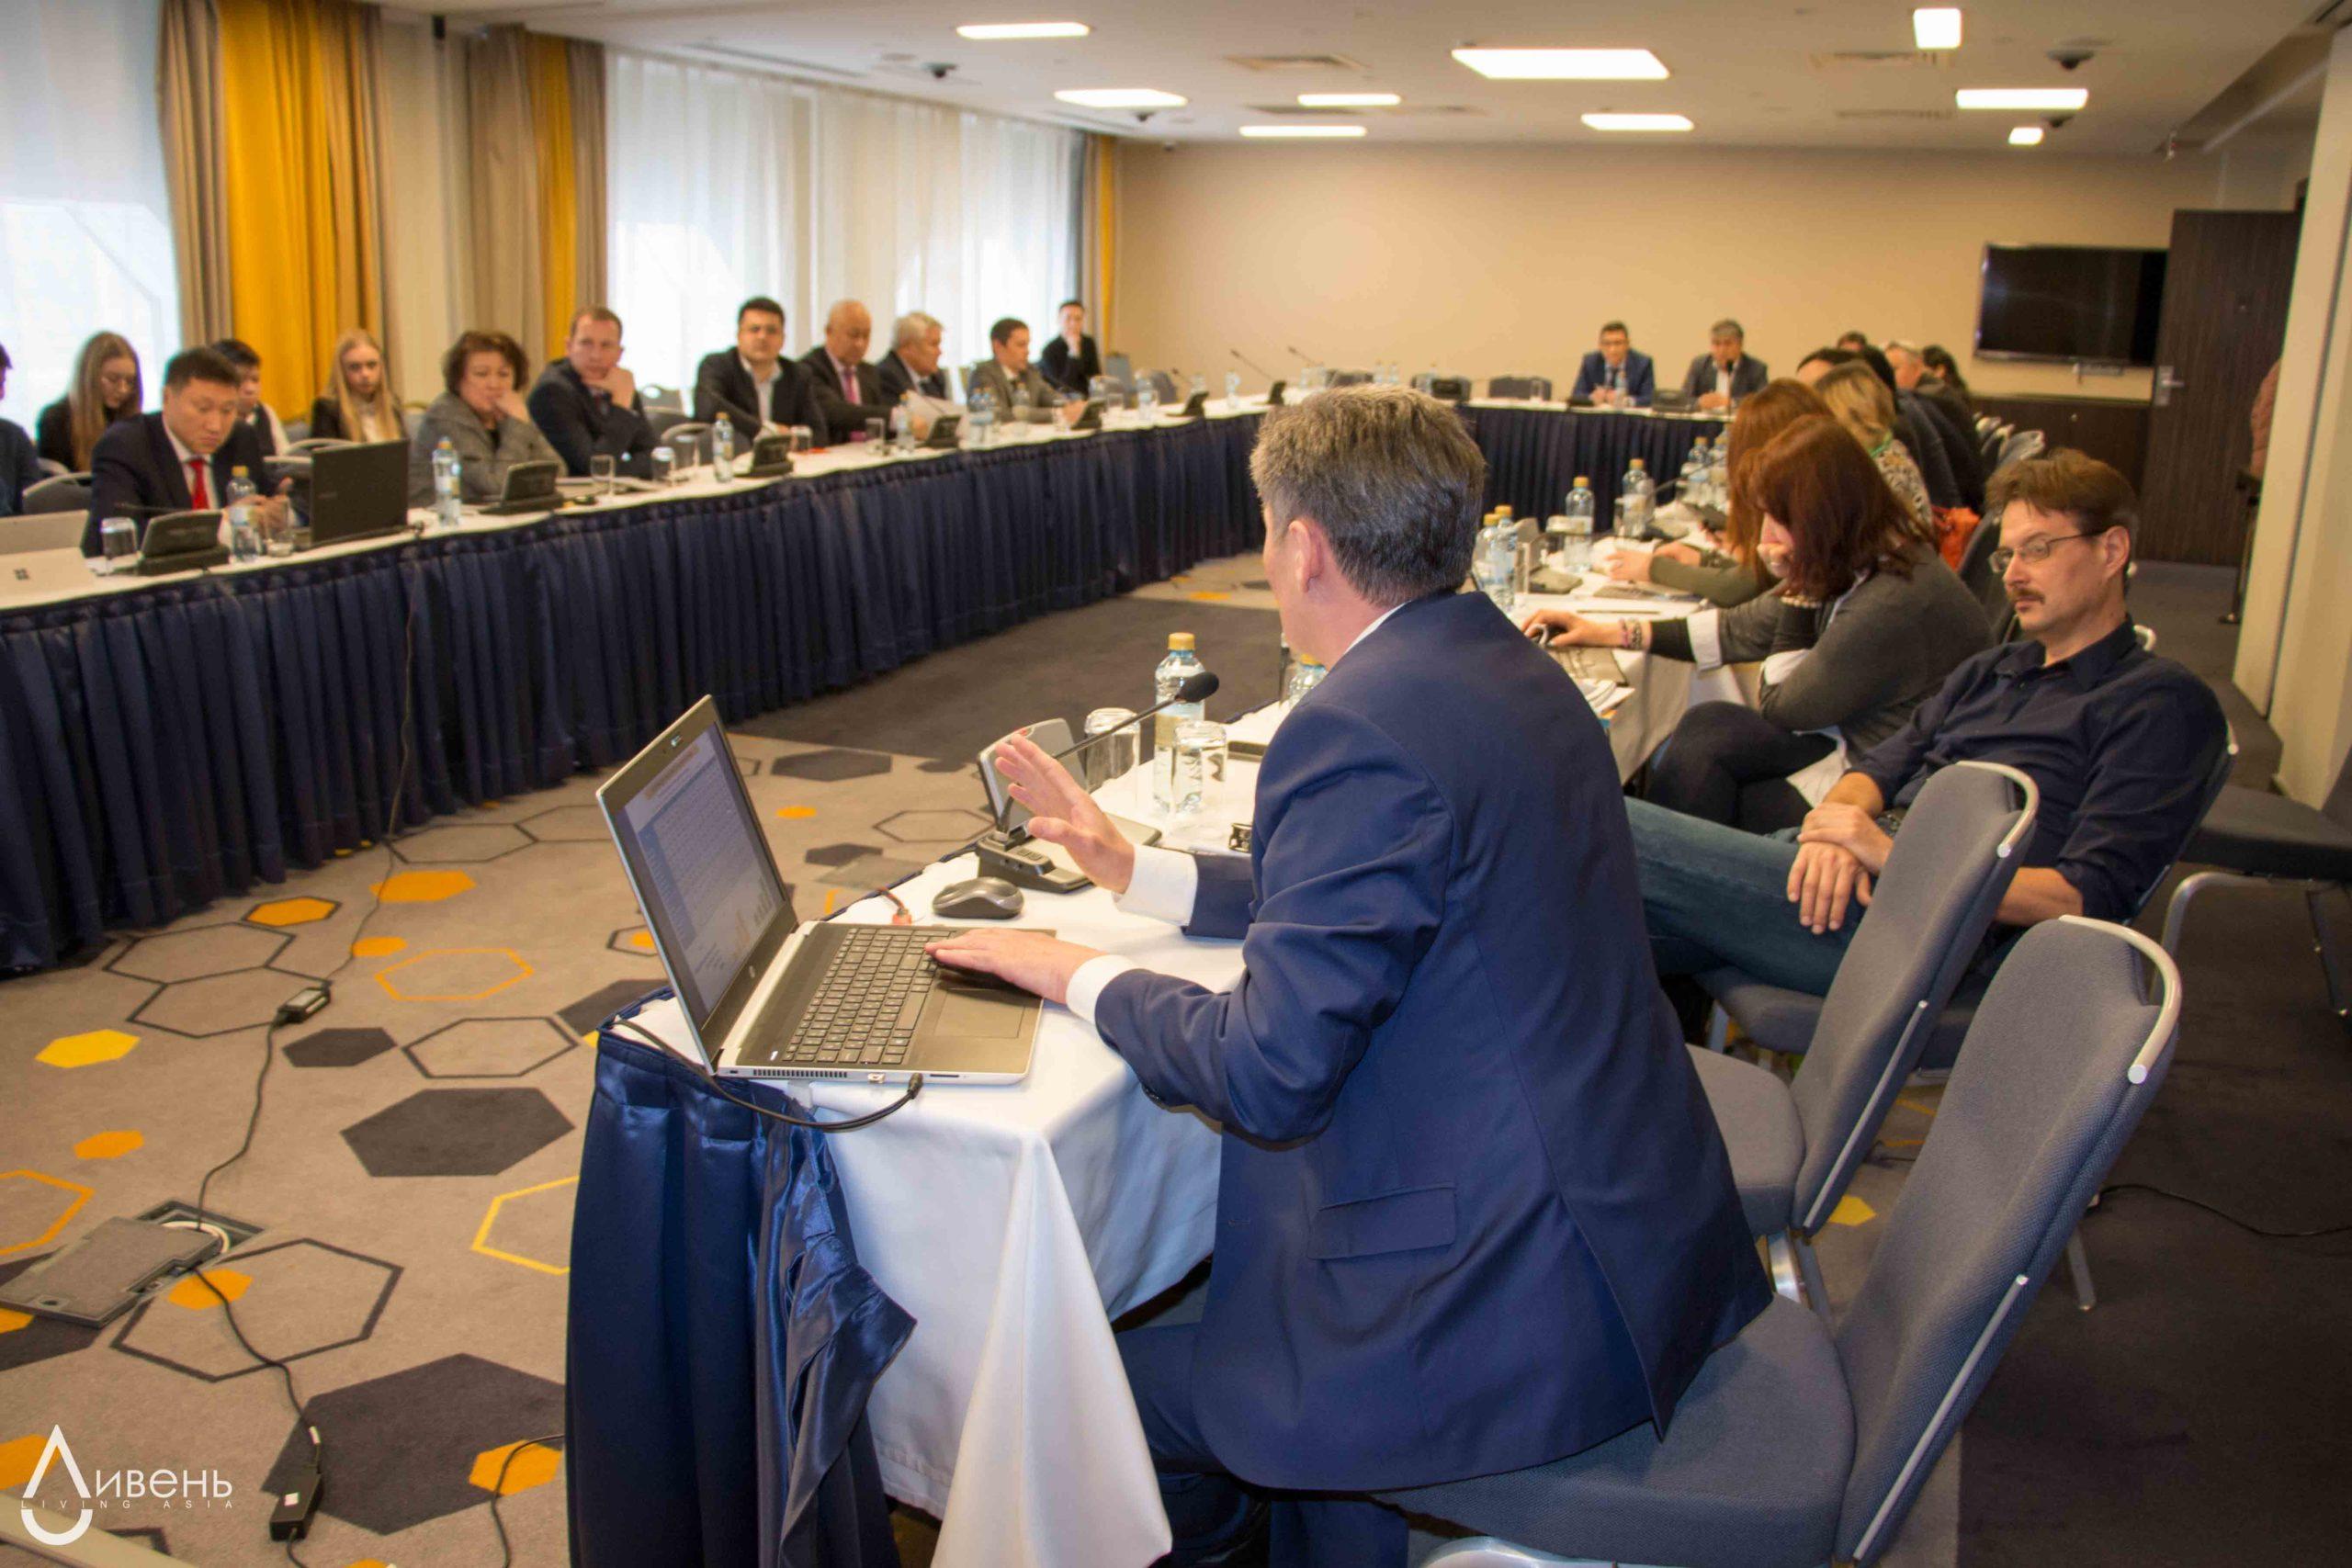 20 декабря в г. Нур-СултанСеминар о начале проекта «Разработка Восьмого Национального сообщения Республики Казахстан в рамках РКИК ООН и подготовка двух (четвертого и пятого) двухгодичных докладов».